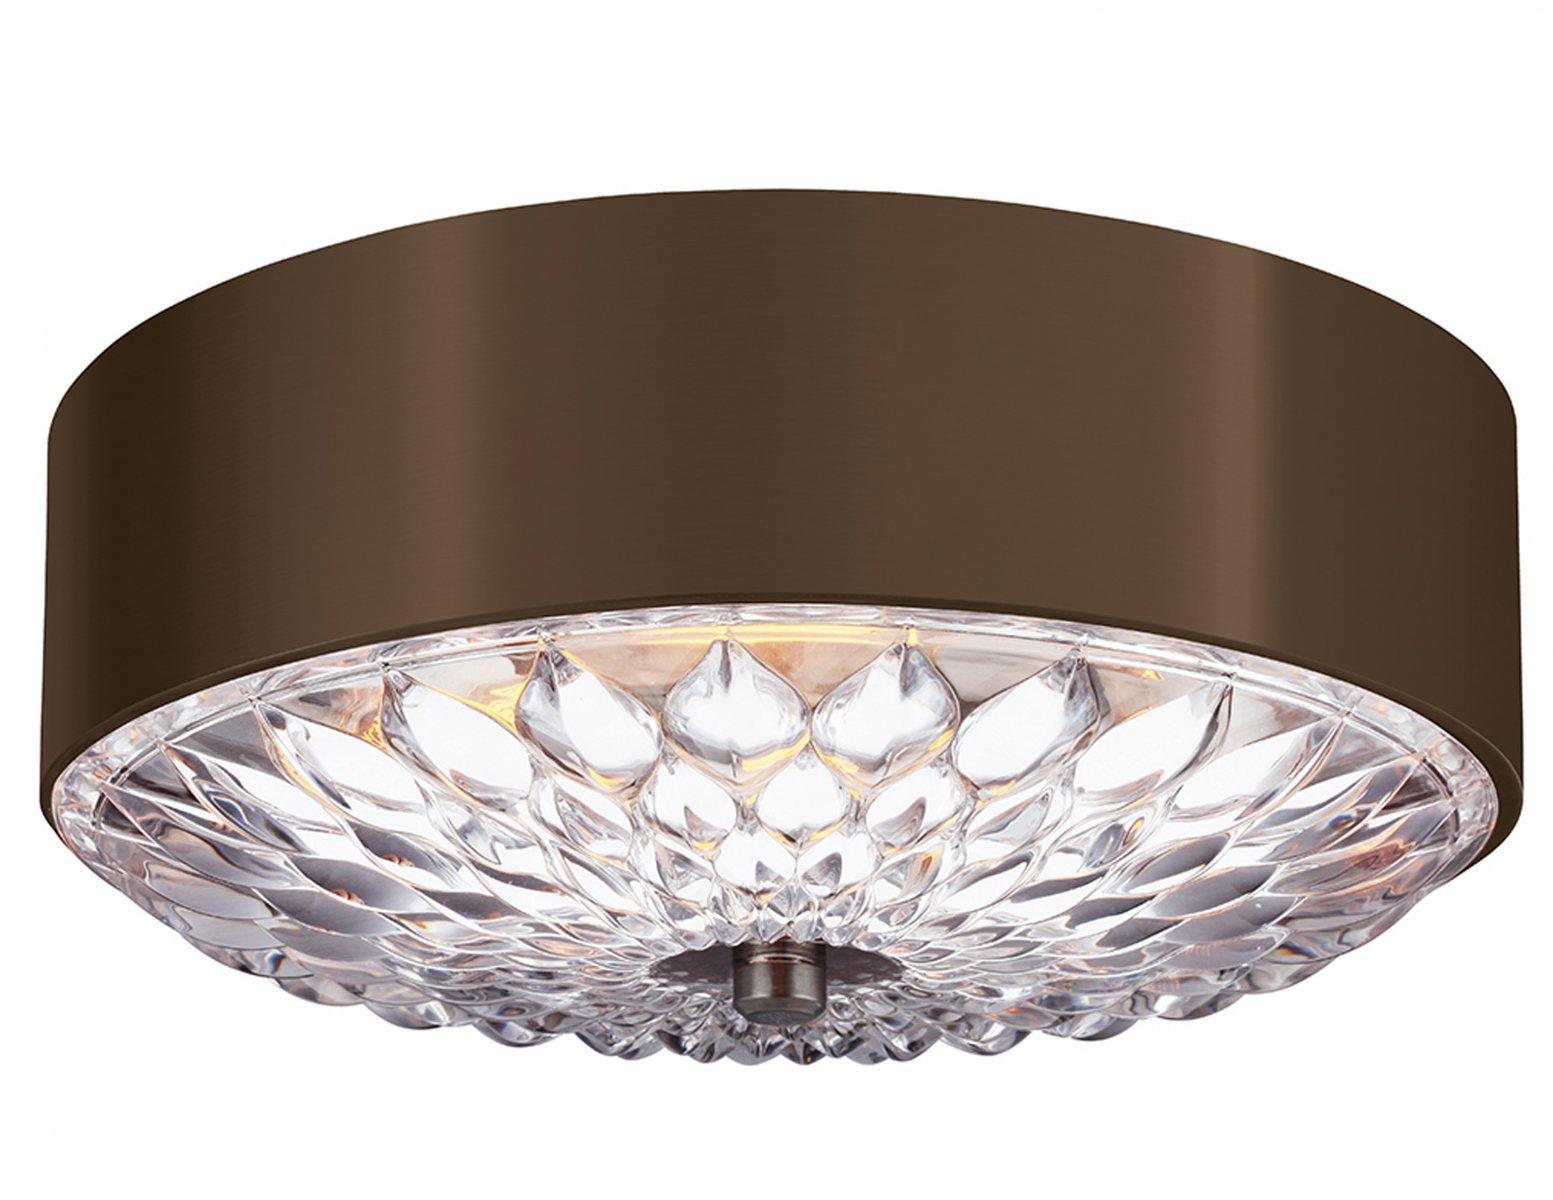 Lampa sufitowa plafon nowoczesny modernistyczny 3 źródła światła